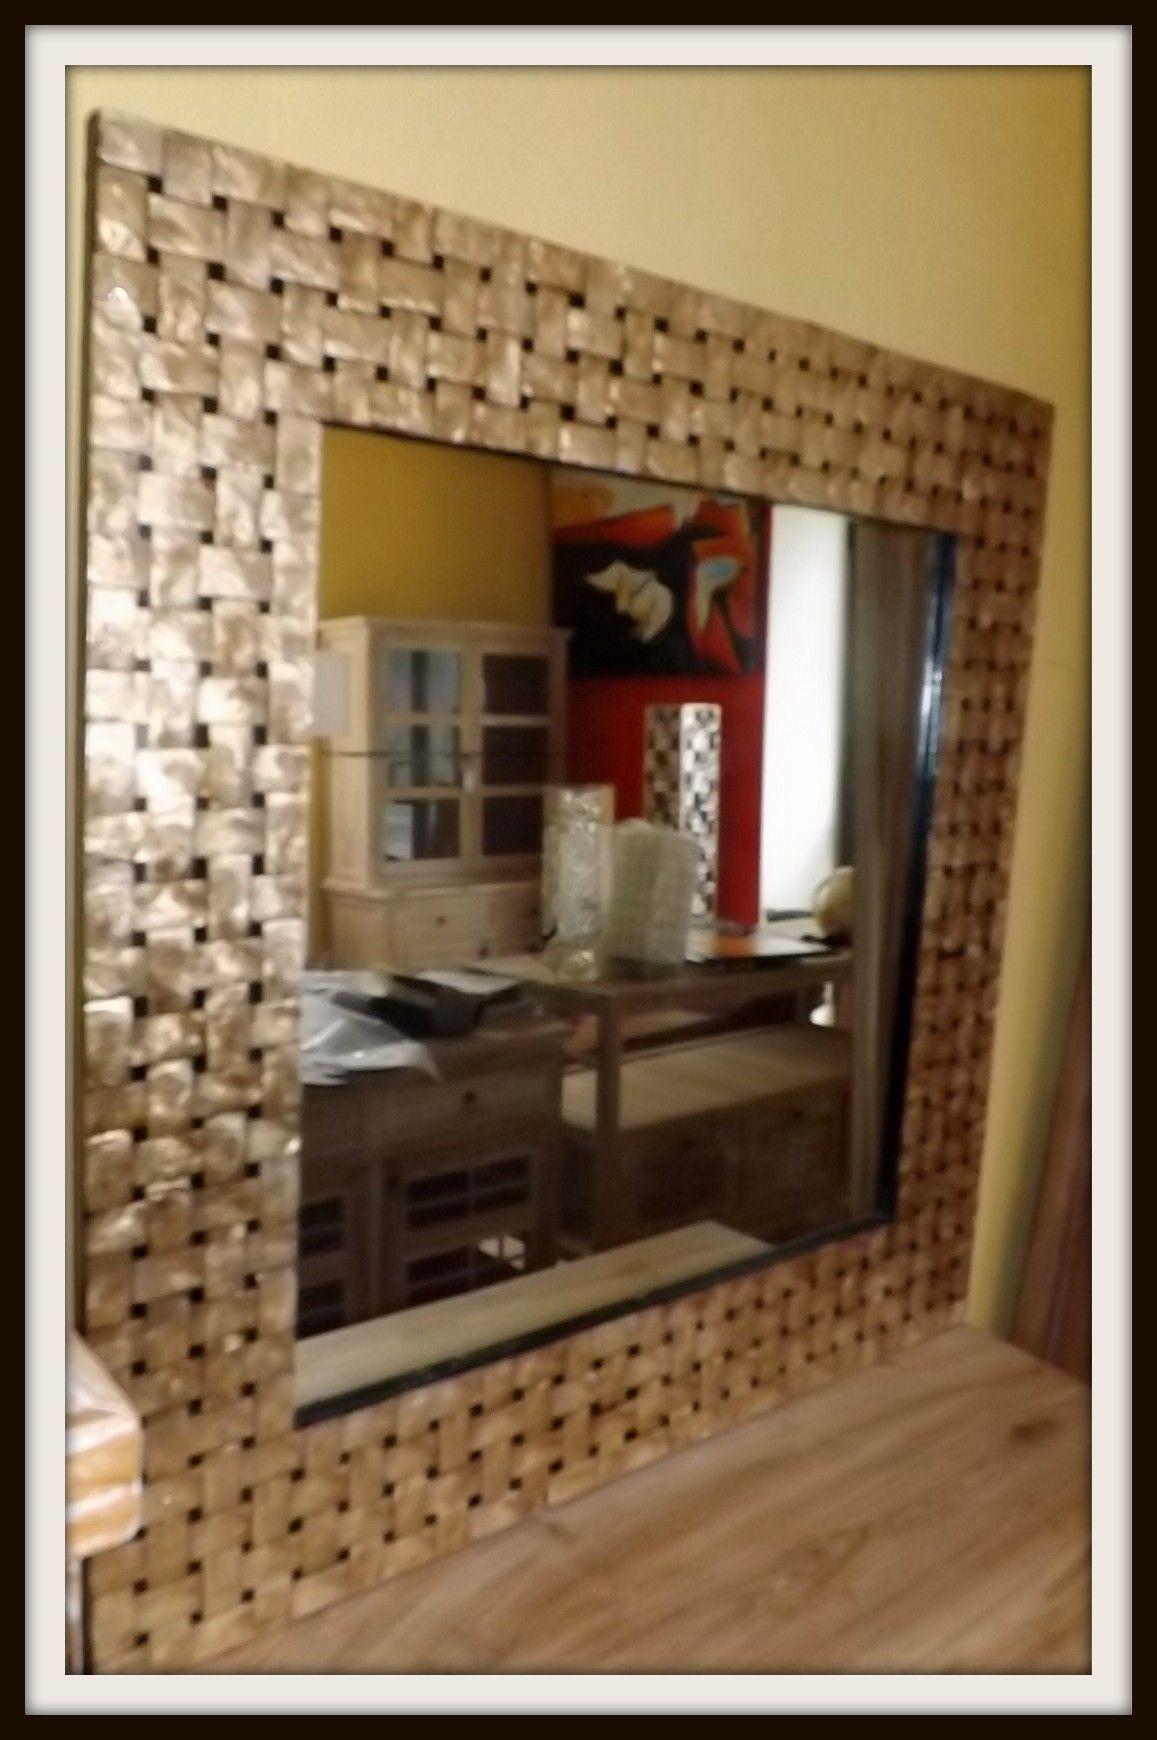 Specchio in madreperla in stile anni 70 curatissimo nella lavorazione rigorosamente realizzato - La mano sullo specchio ...